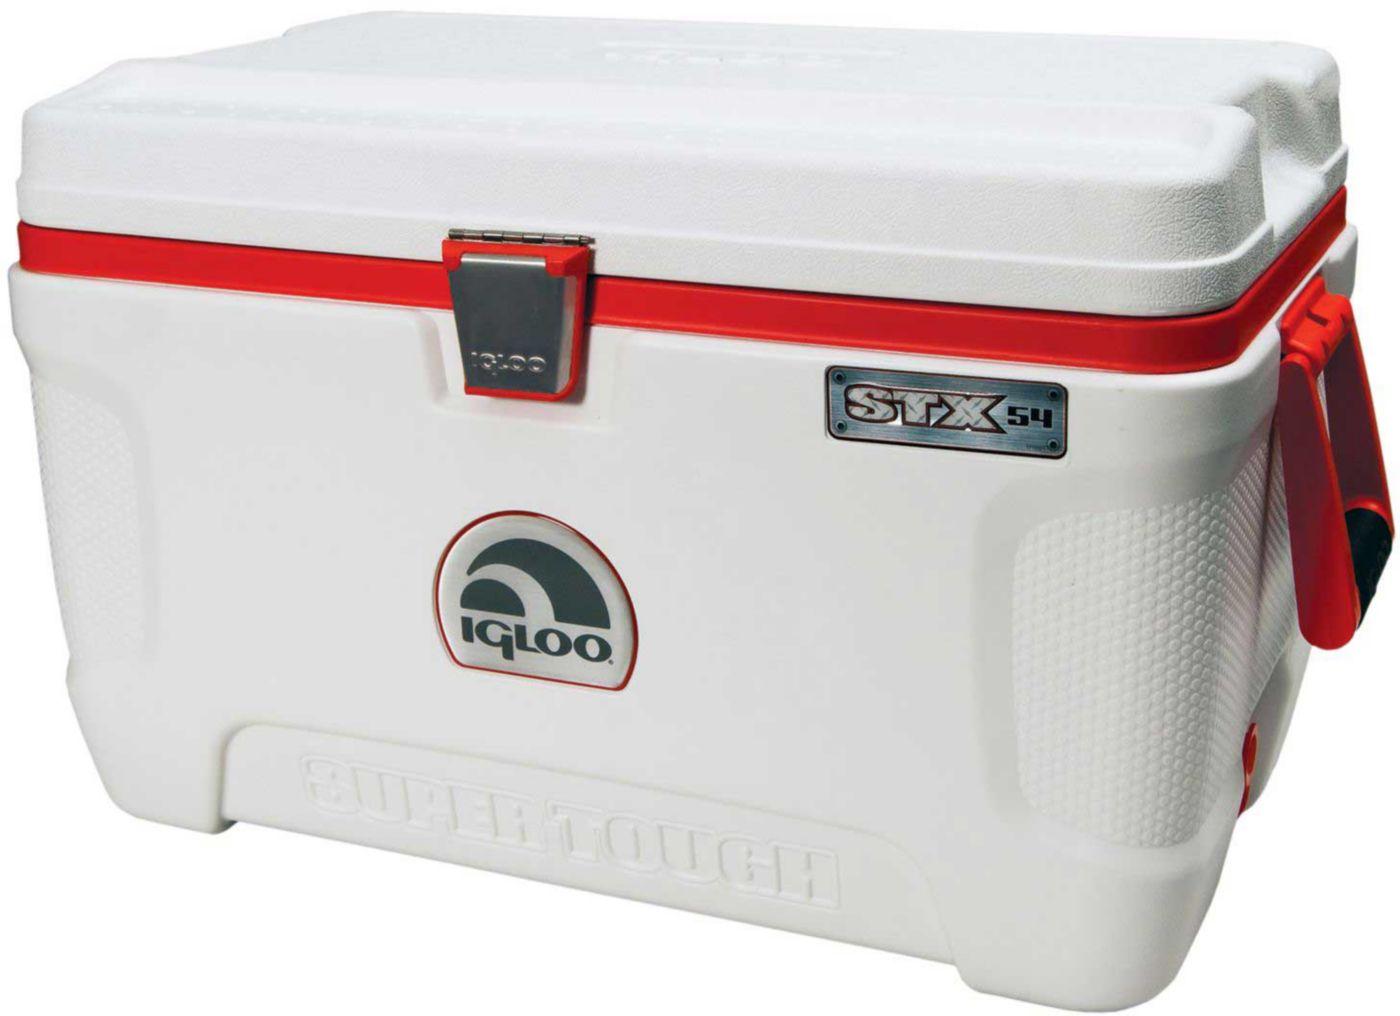 Igloo Super Tough STX 54 Quart Cooler